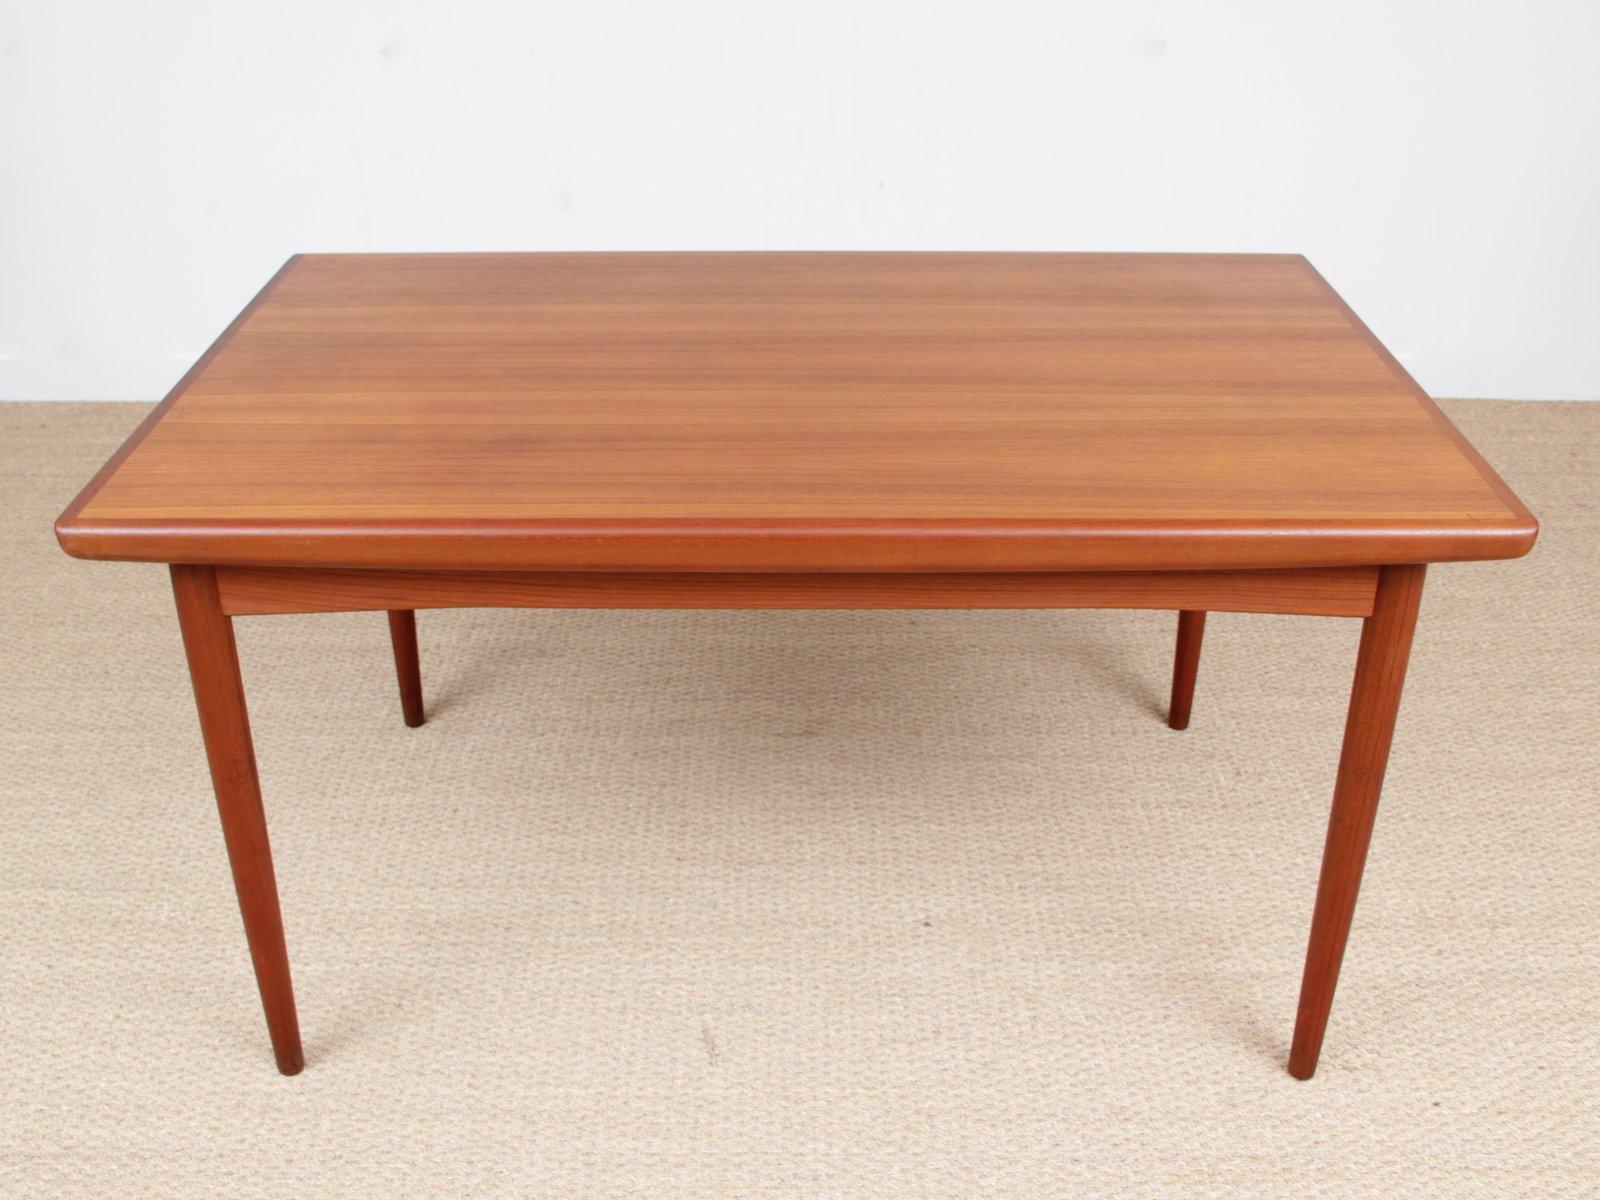 skandinavischer teak esstisch von dyrlund 1950er bei. Black Bedroom Furniture Sets. Home Design Ideas